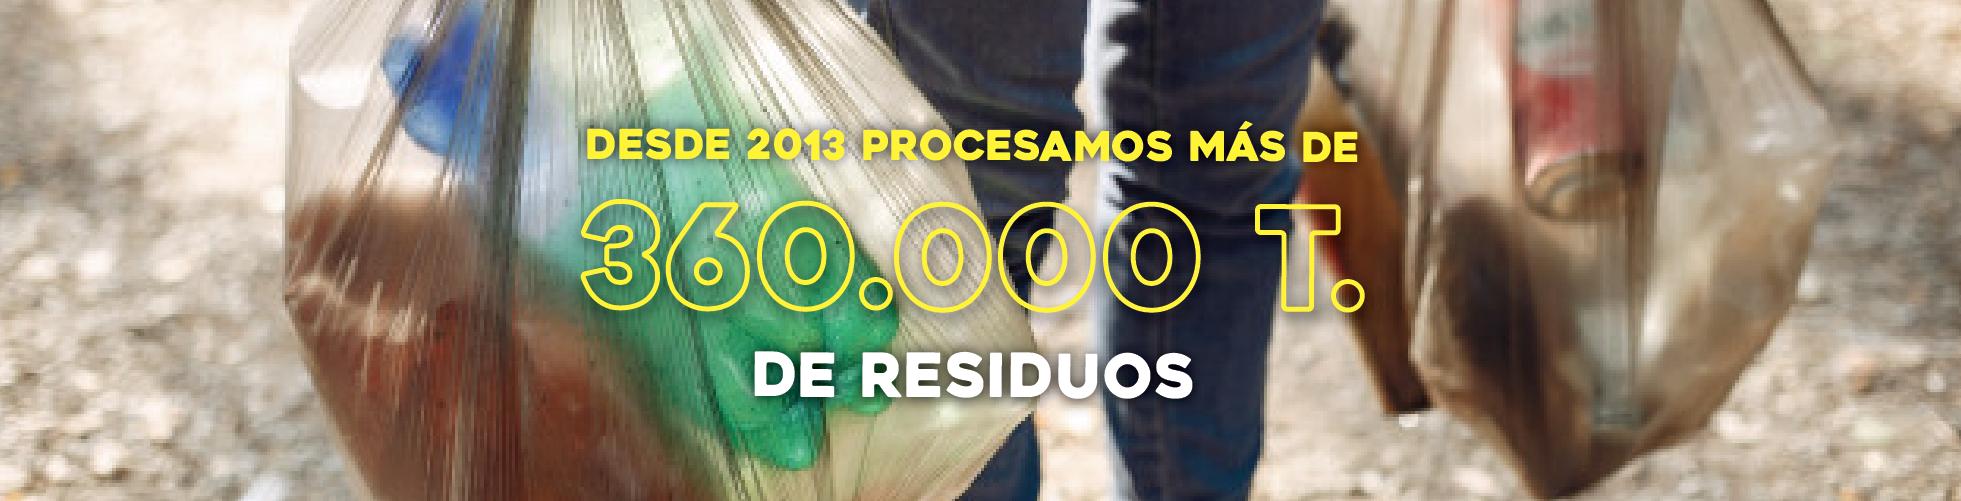 Procesamos_residuos